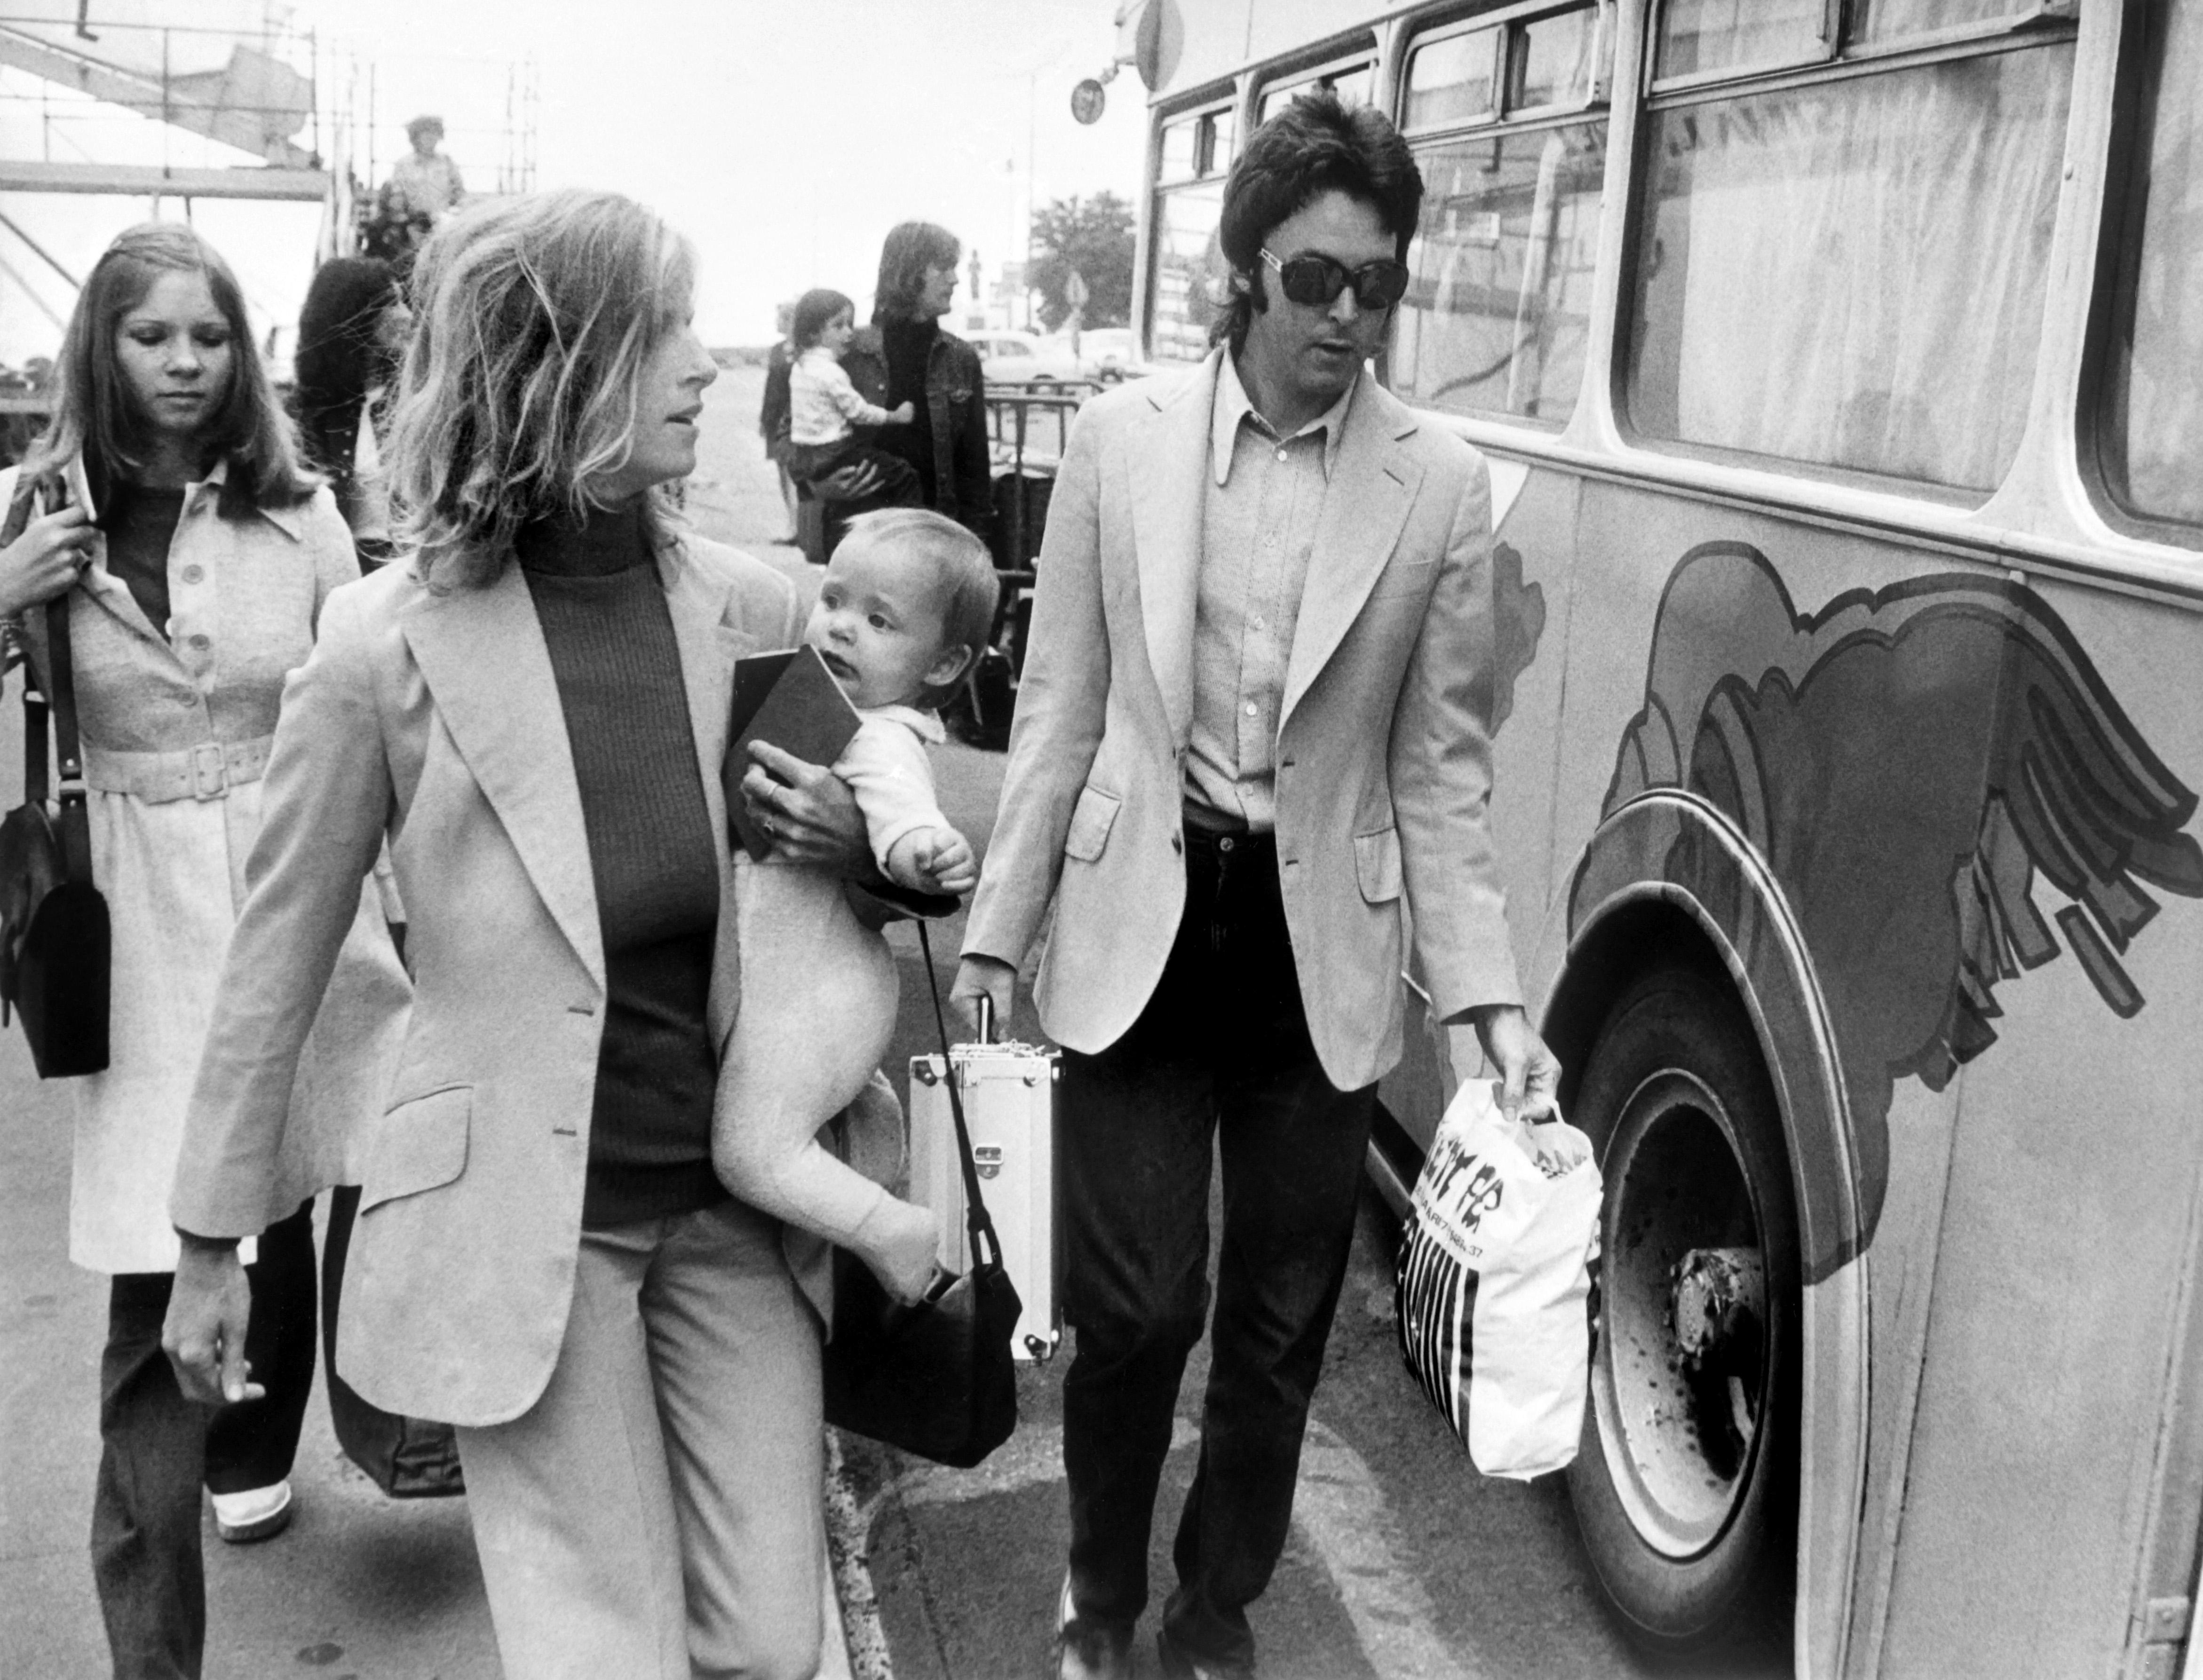 Kiállítást rendezett elhunyt felesége fotóiból Paul McCartney